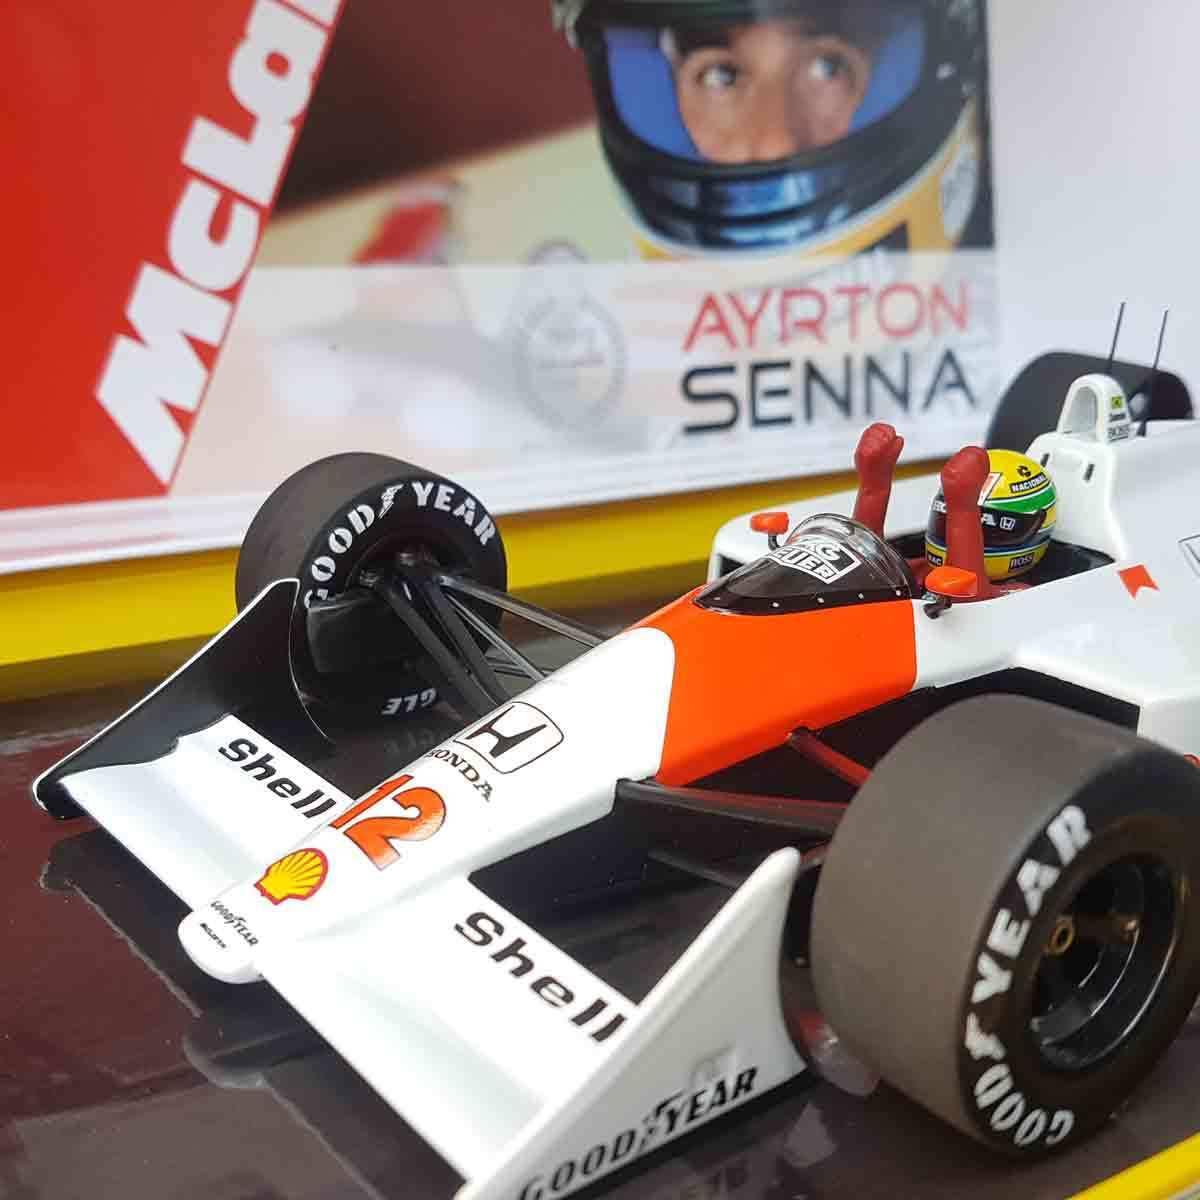 Minichamps McLaren MP4/4 Honda 1988 Ayrton Senna Limited edition 1/43 Suzuka !! | Avoir à La Fois La Qualité De La Ténacité Et De Dureté  | Exceptionnelle  | Des Produits De Qualité,2019 New